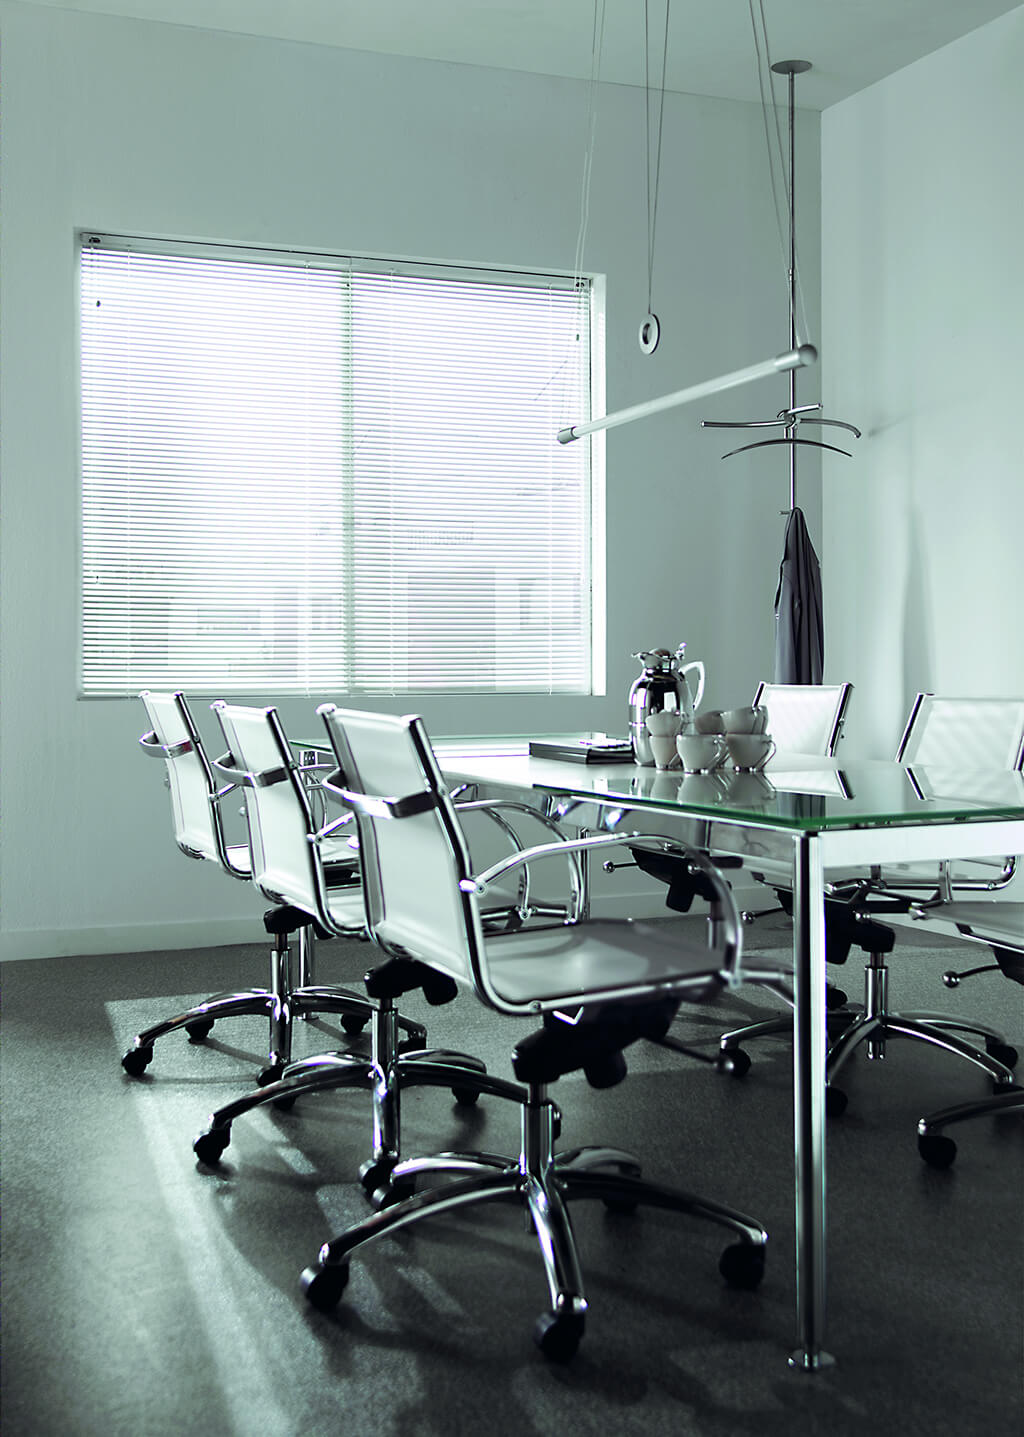 Weiße Alu-Jalousie in einem schlichten Konferenzraum mit Glastisch und weißen Stühlen